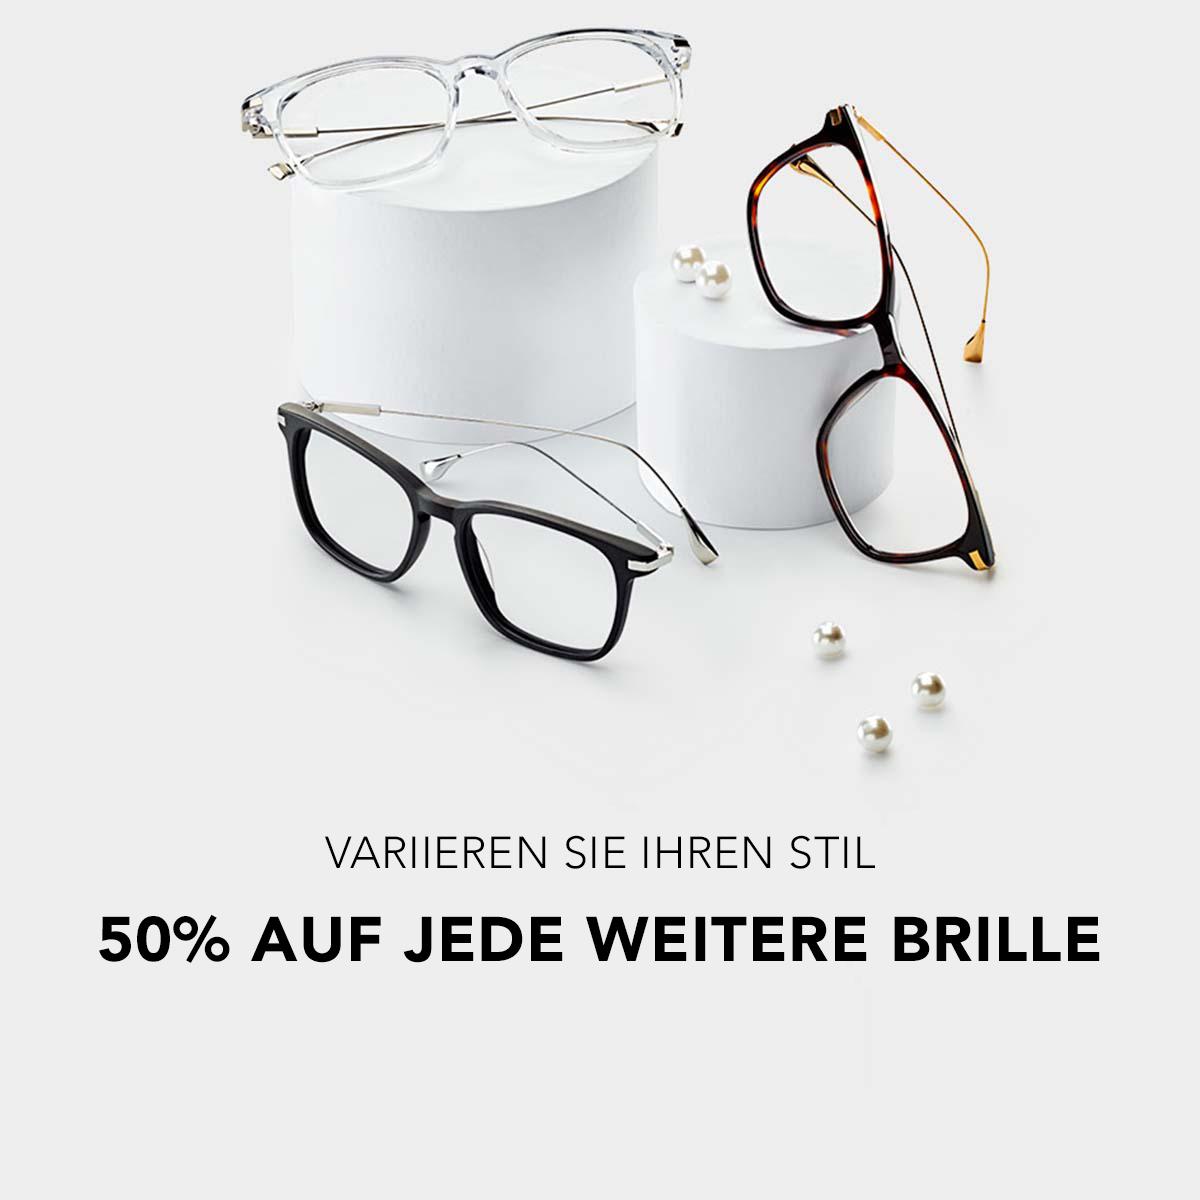 50% auf jede weitere Brille